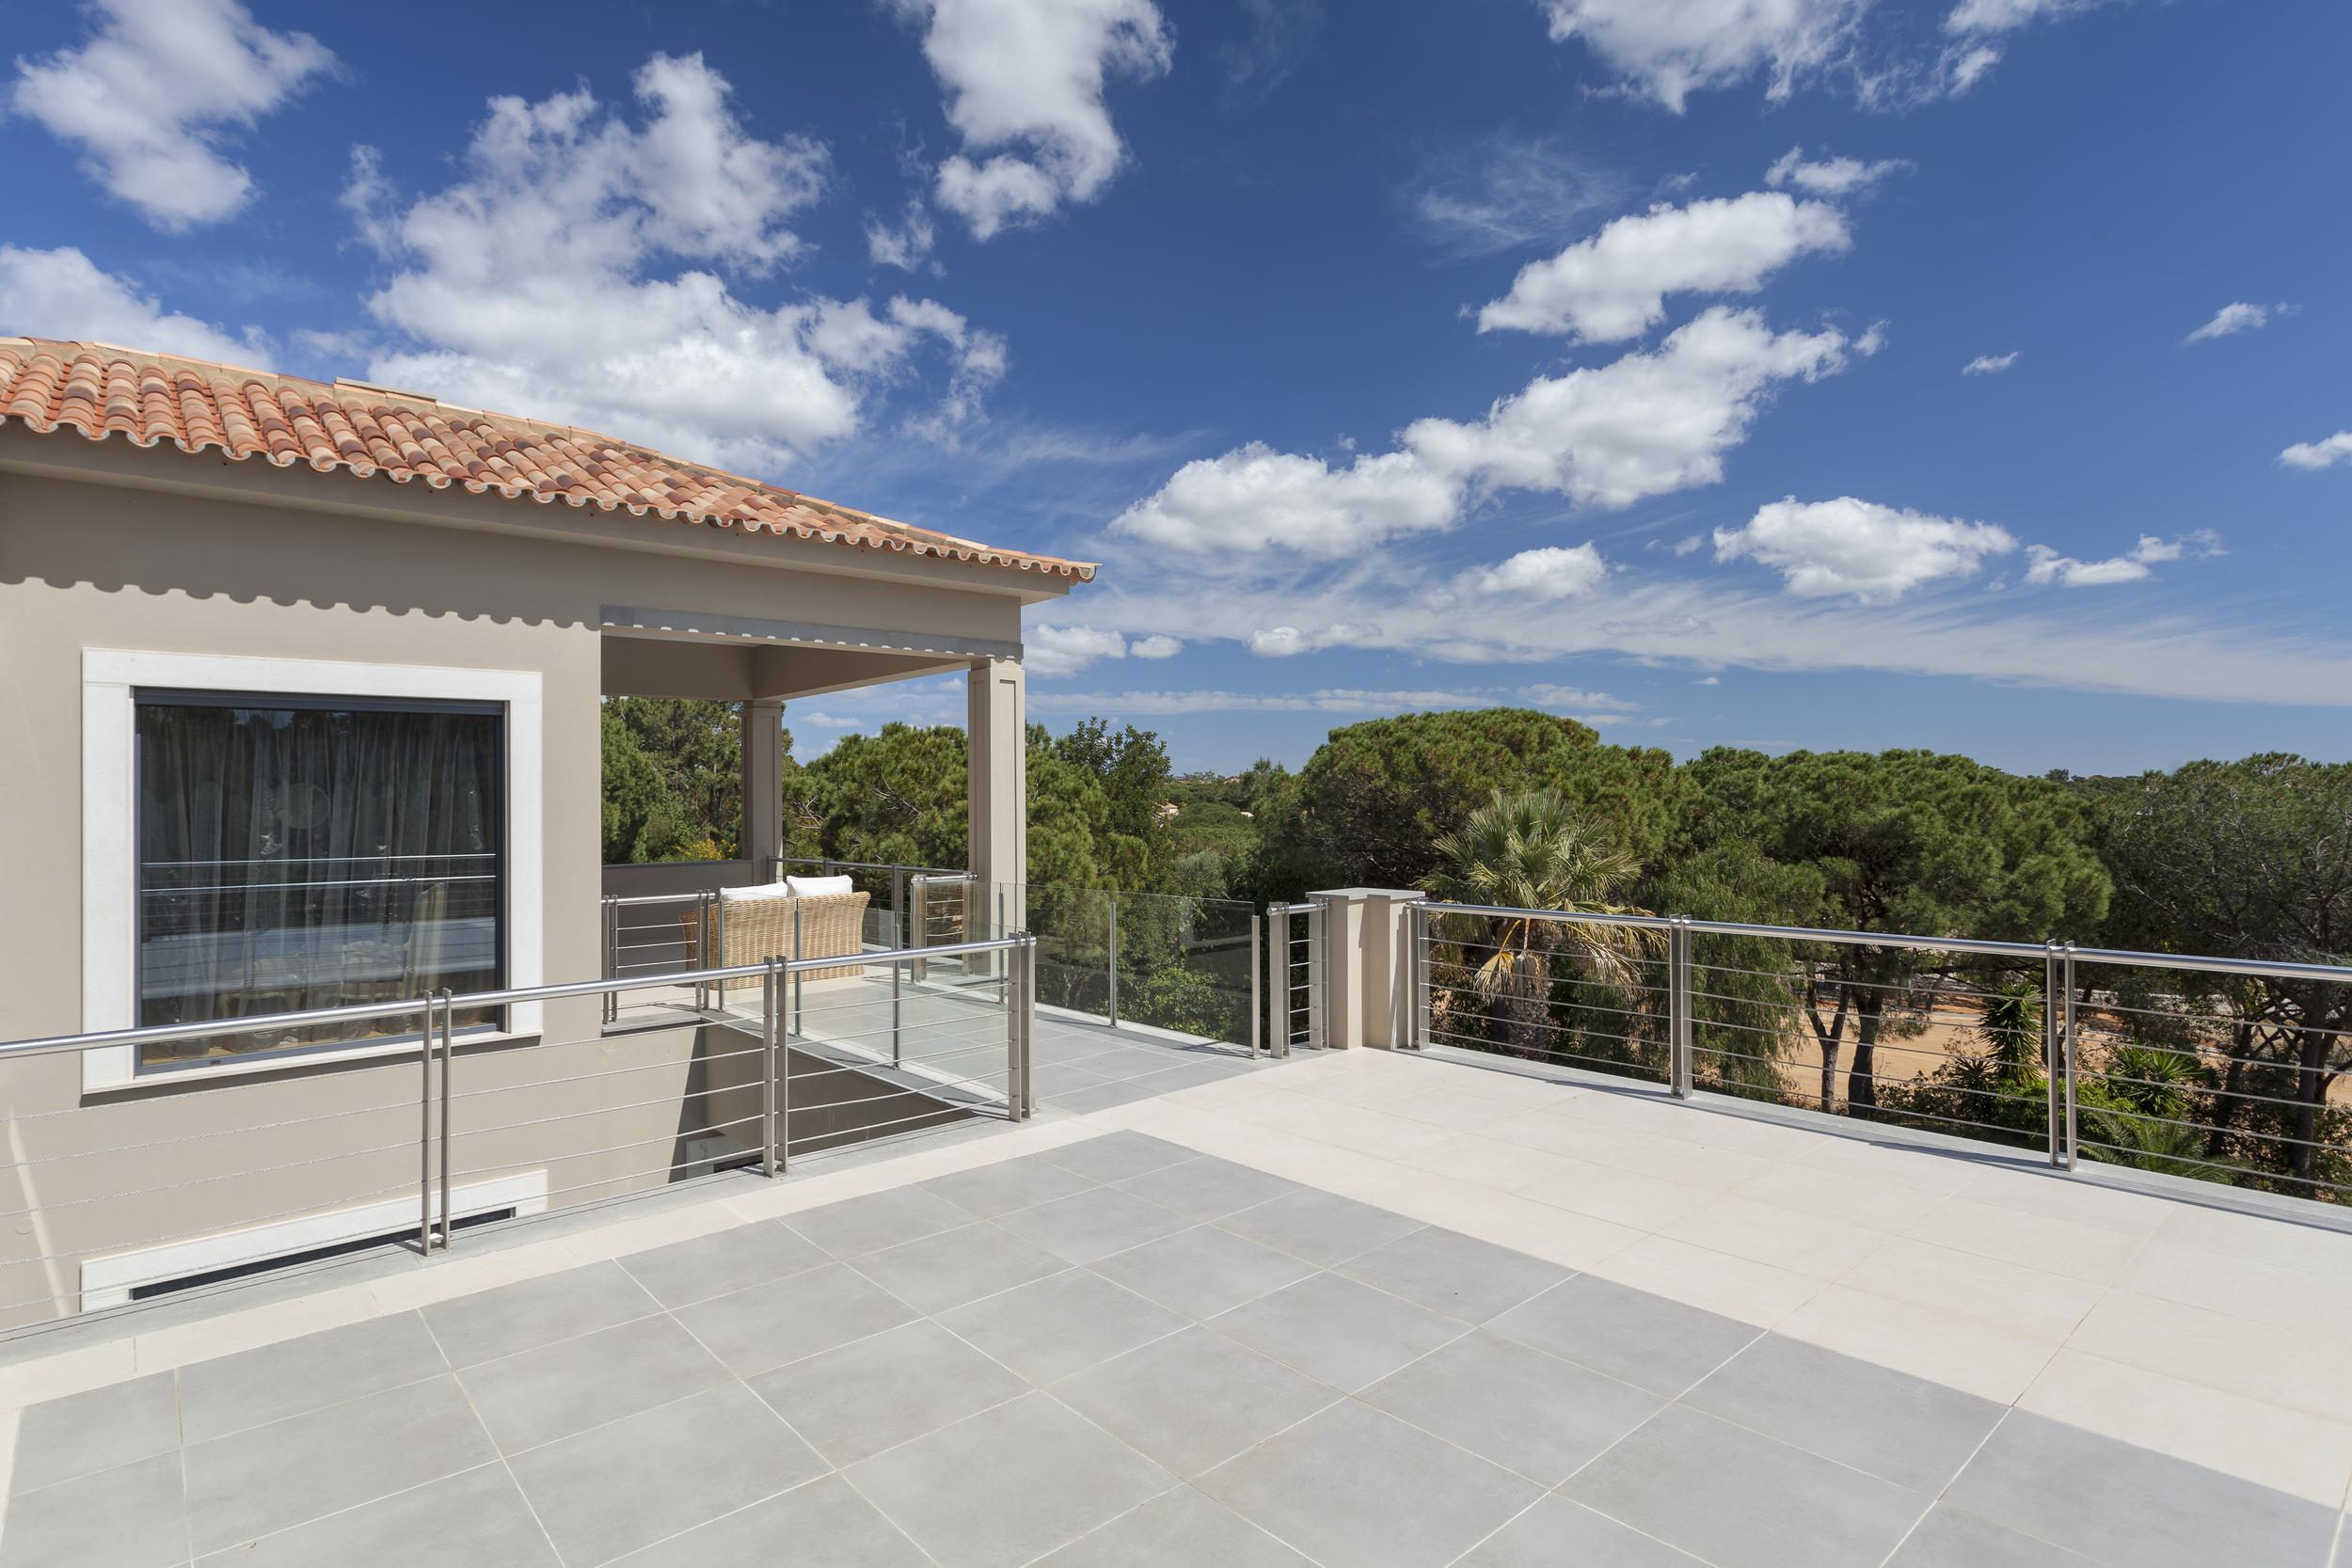 4 bedroom villa to rent in Quinta do Lago, RLV, Villa Serpentine,17.jpg